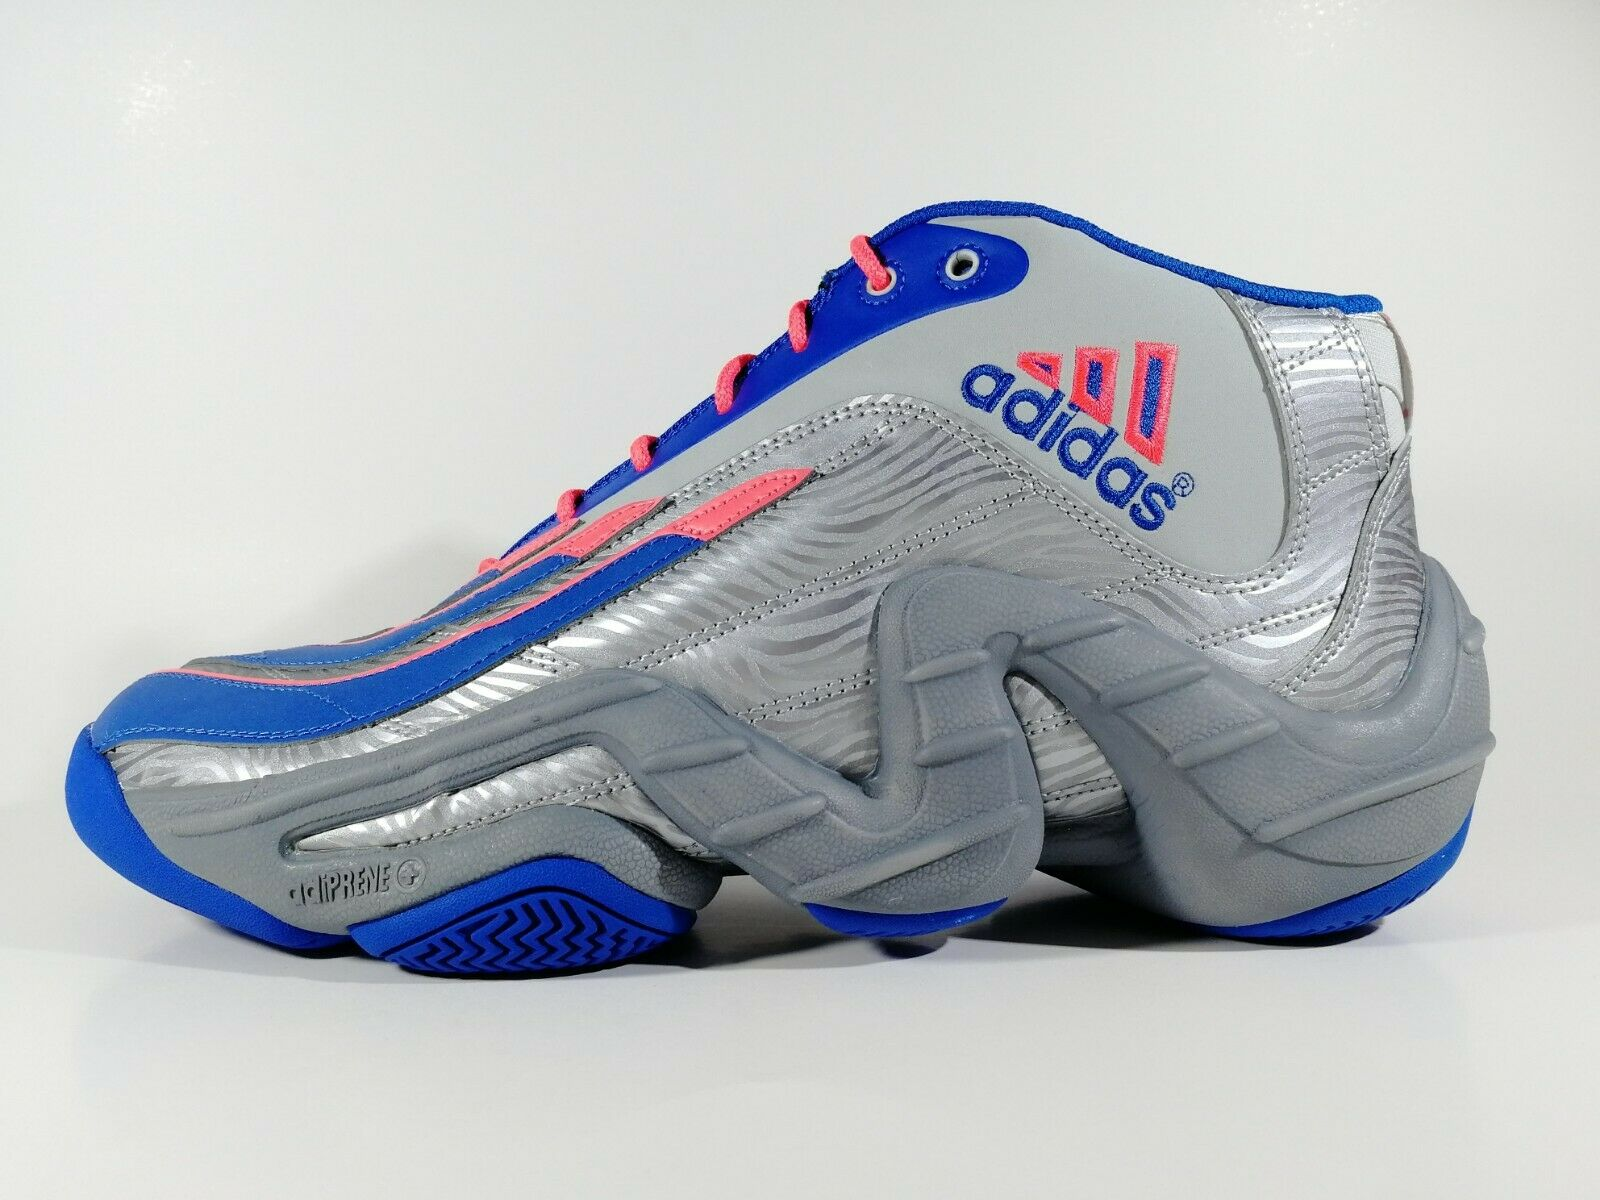 Adidas verdadero negocio Calzado de básquet Talla 12US 46.6EU Nueva con caja